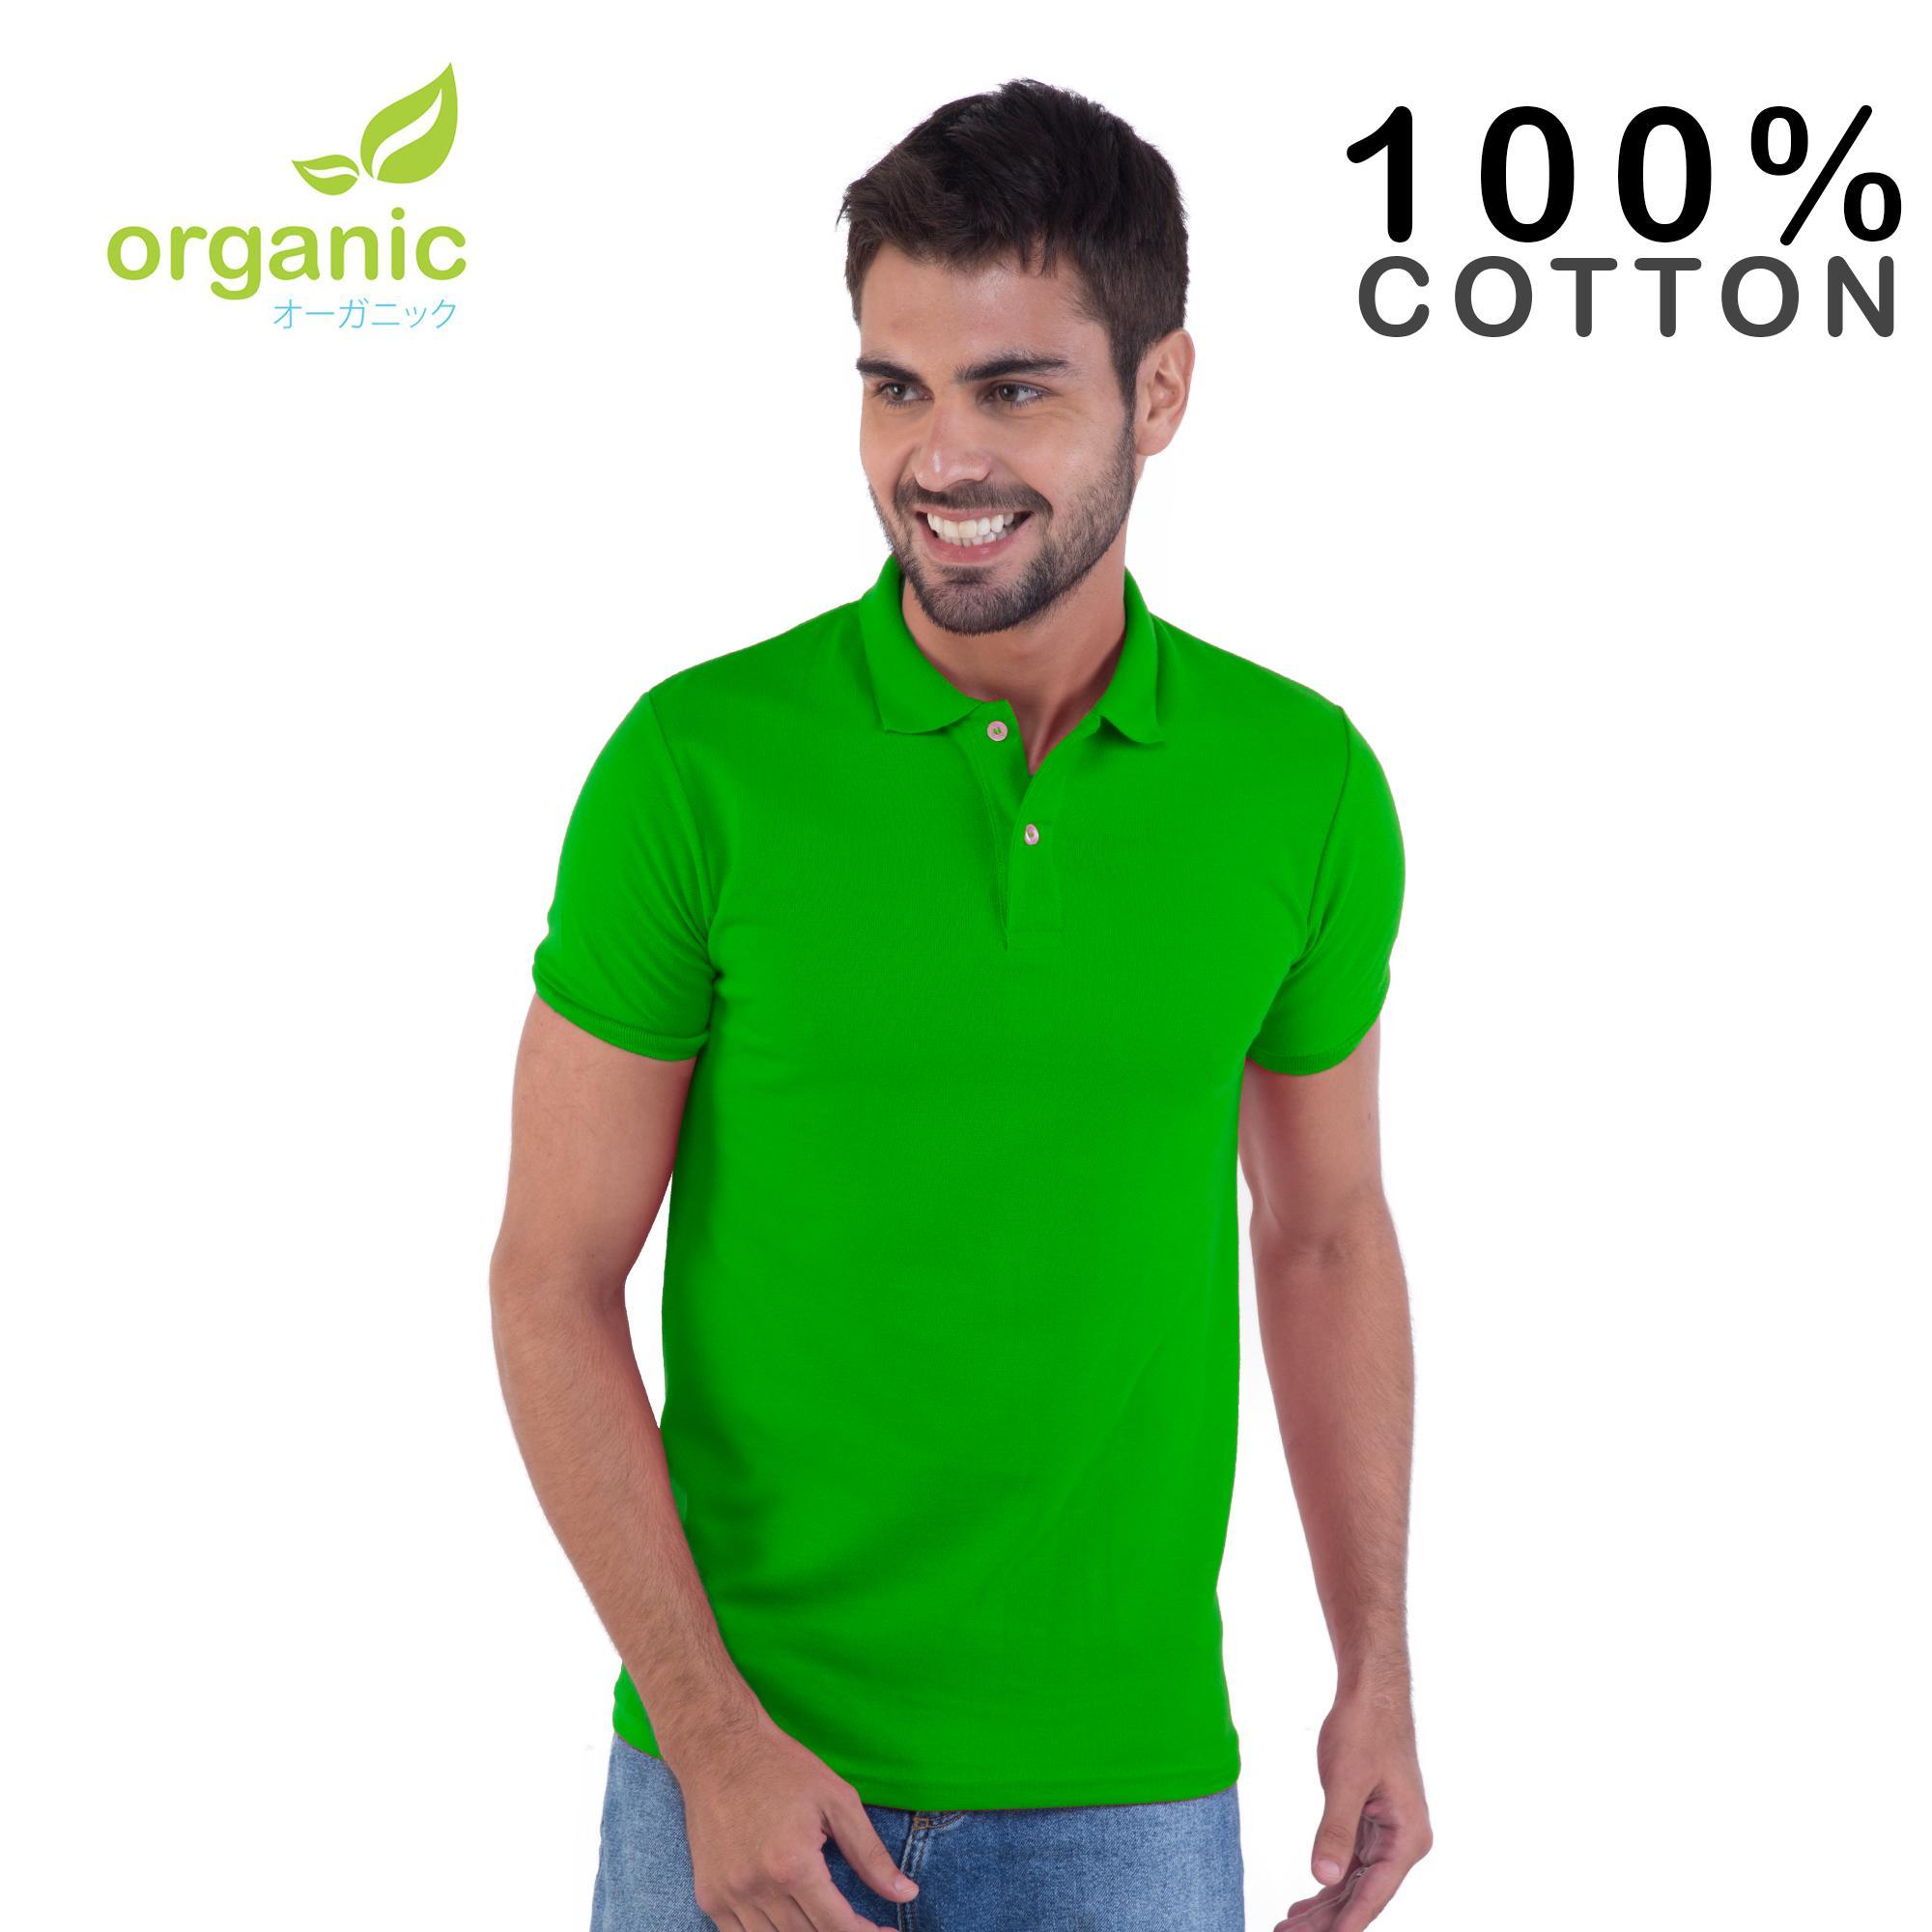 39e46950 Organic Mens Pique Polo Shirt (Apple Green) Tees t shirt tshirt shirts  tshirts tee tops top for men